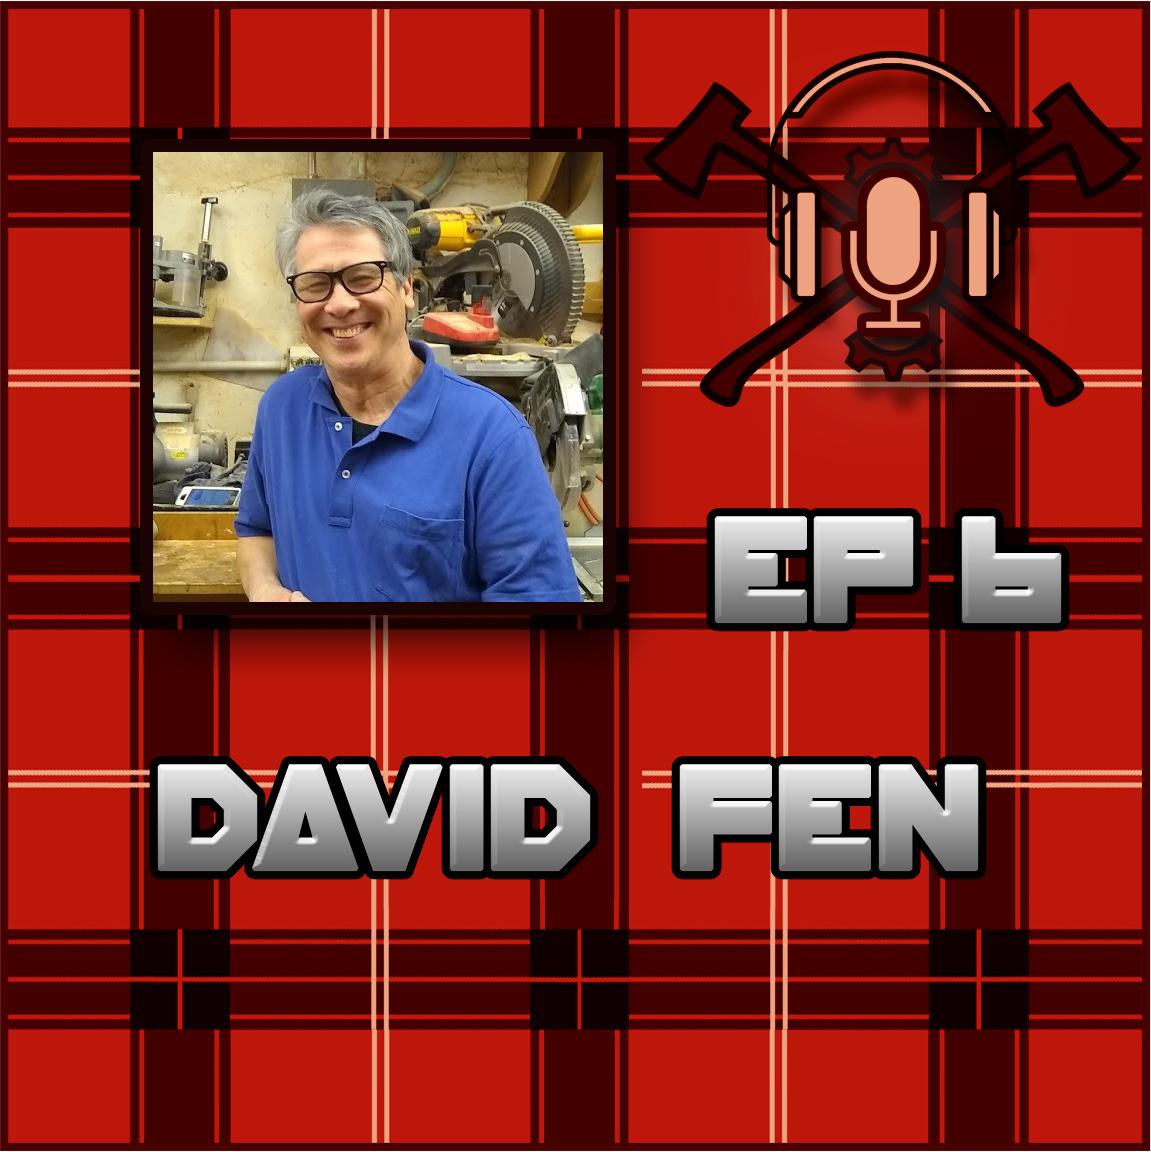 David Fen